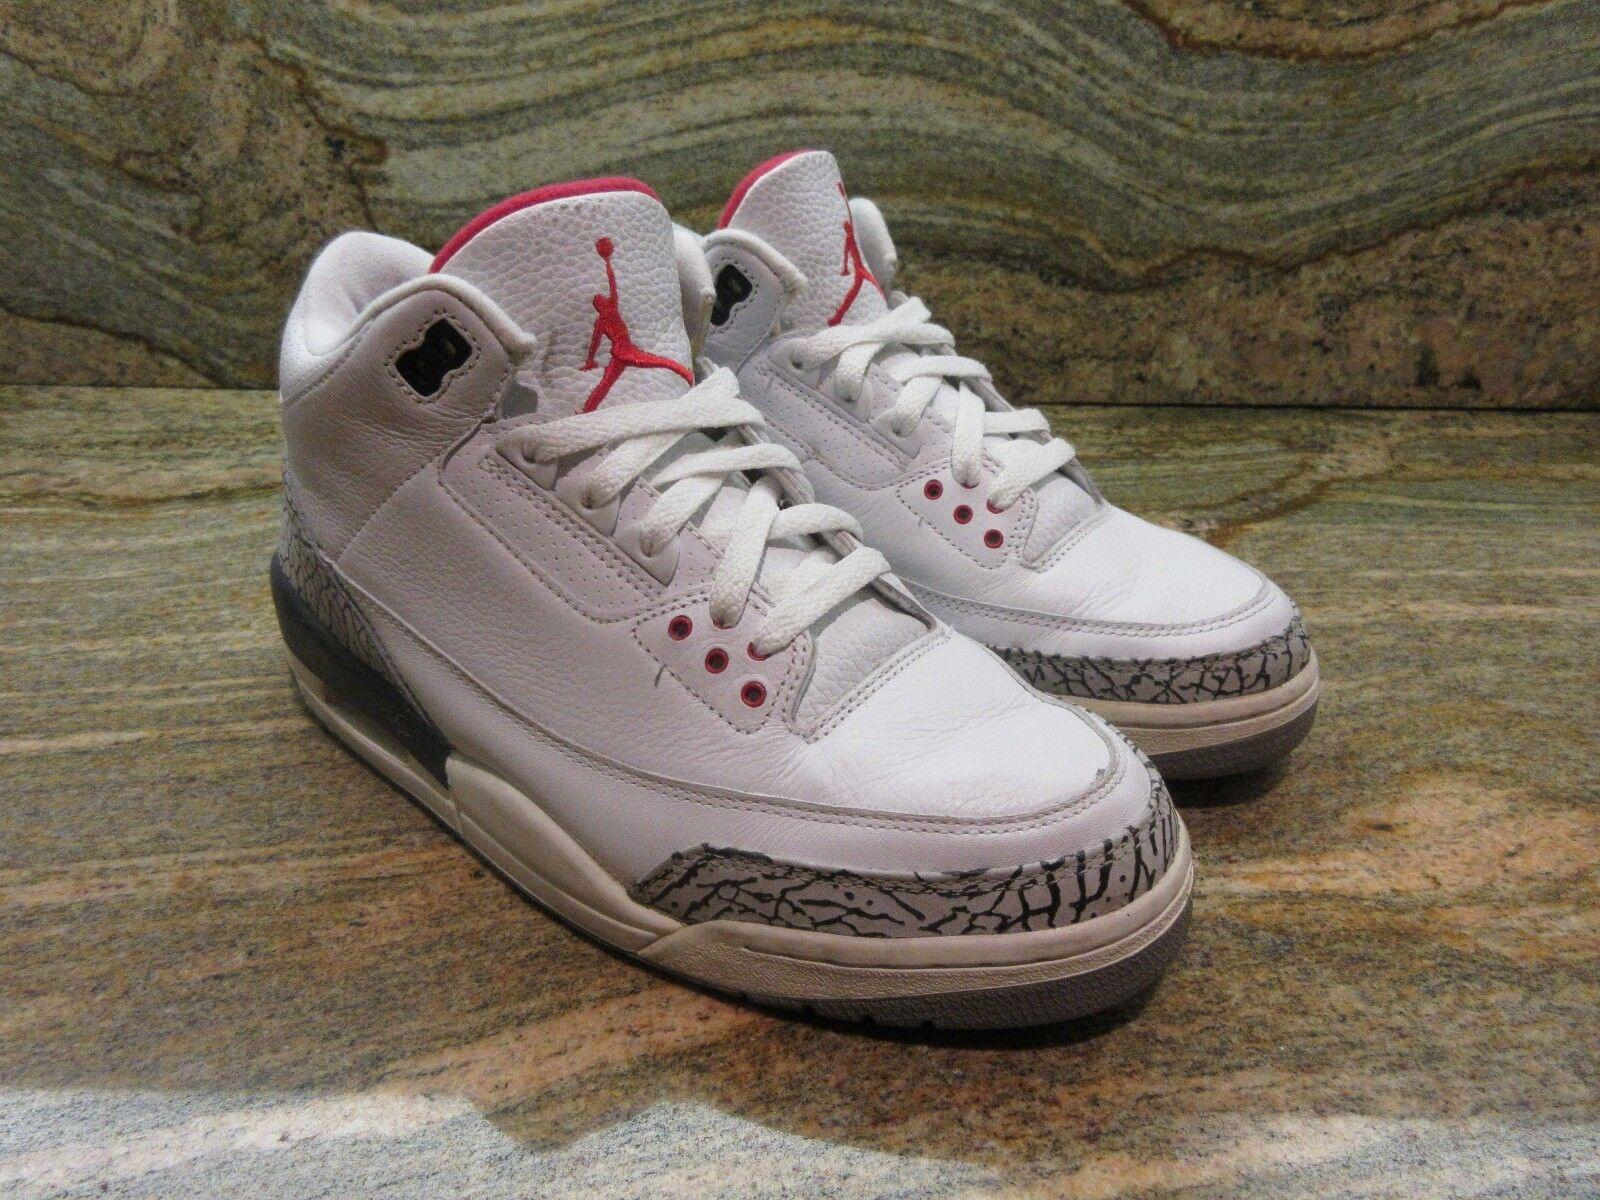 2003 Nike Air Jordan 3 III Retro SZ 9 White Cement OG 88 NRG JTH Dunk 136064-102